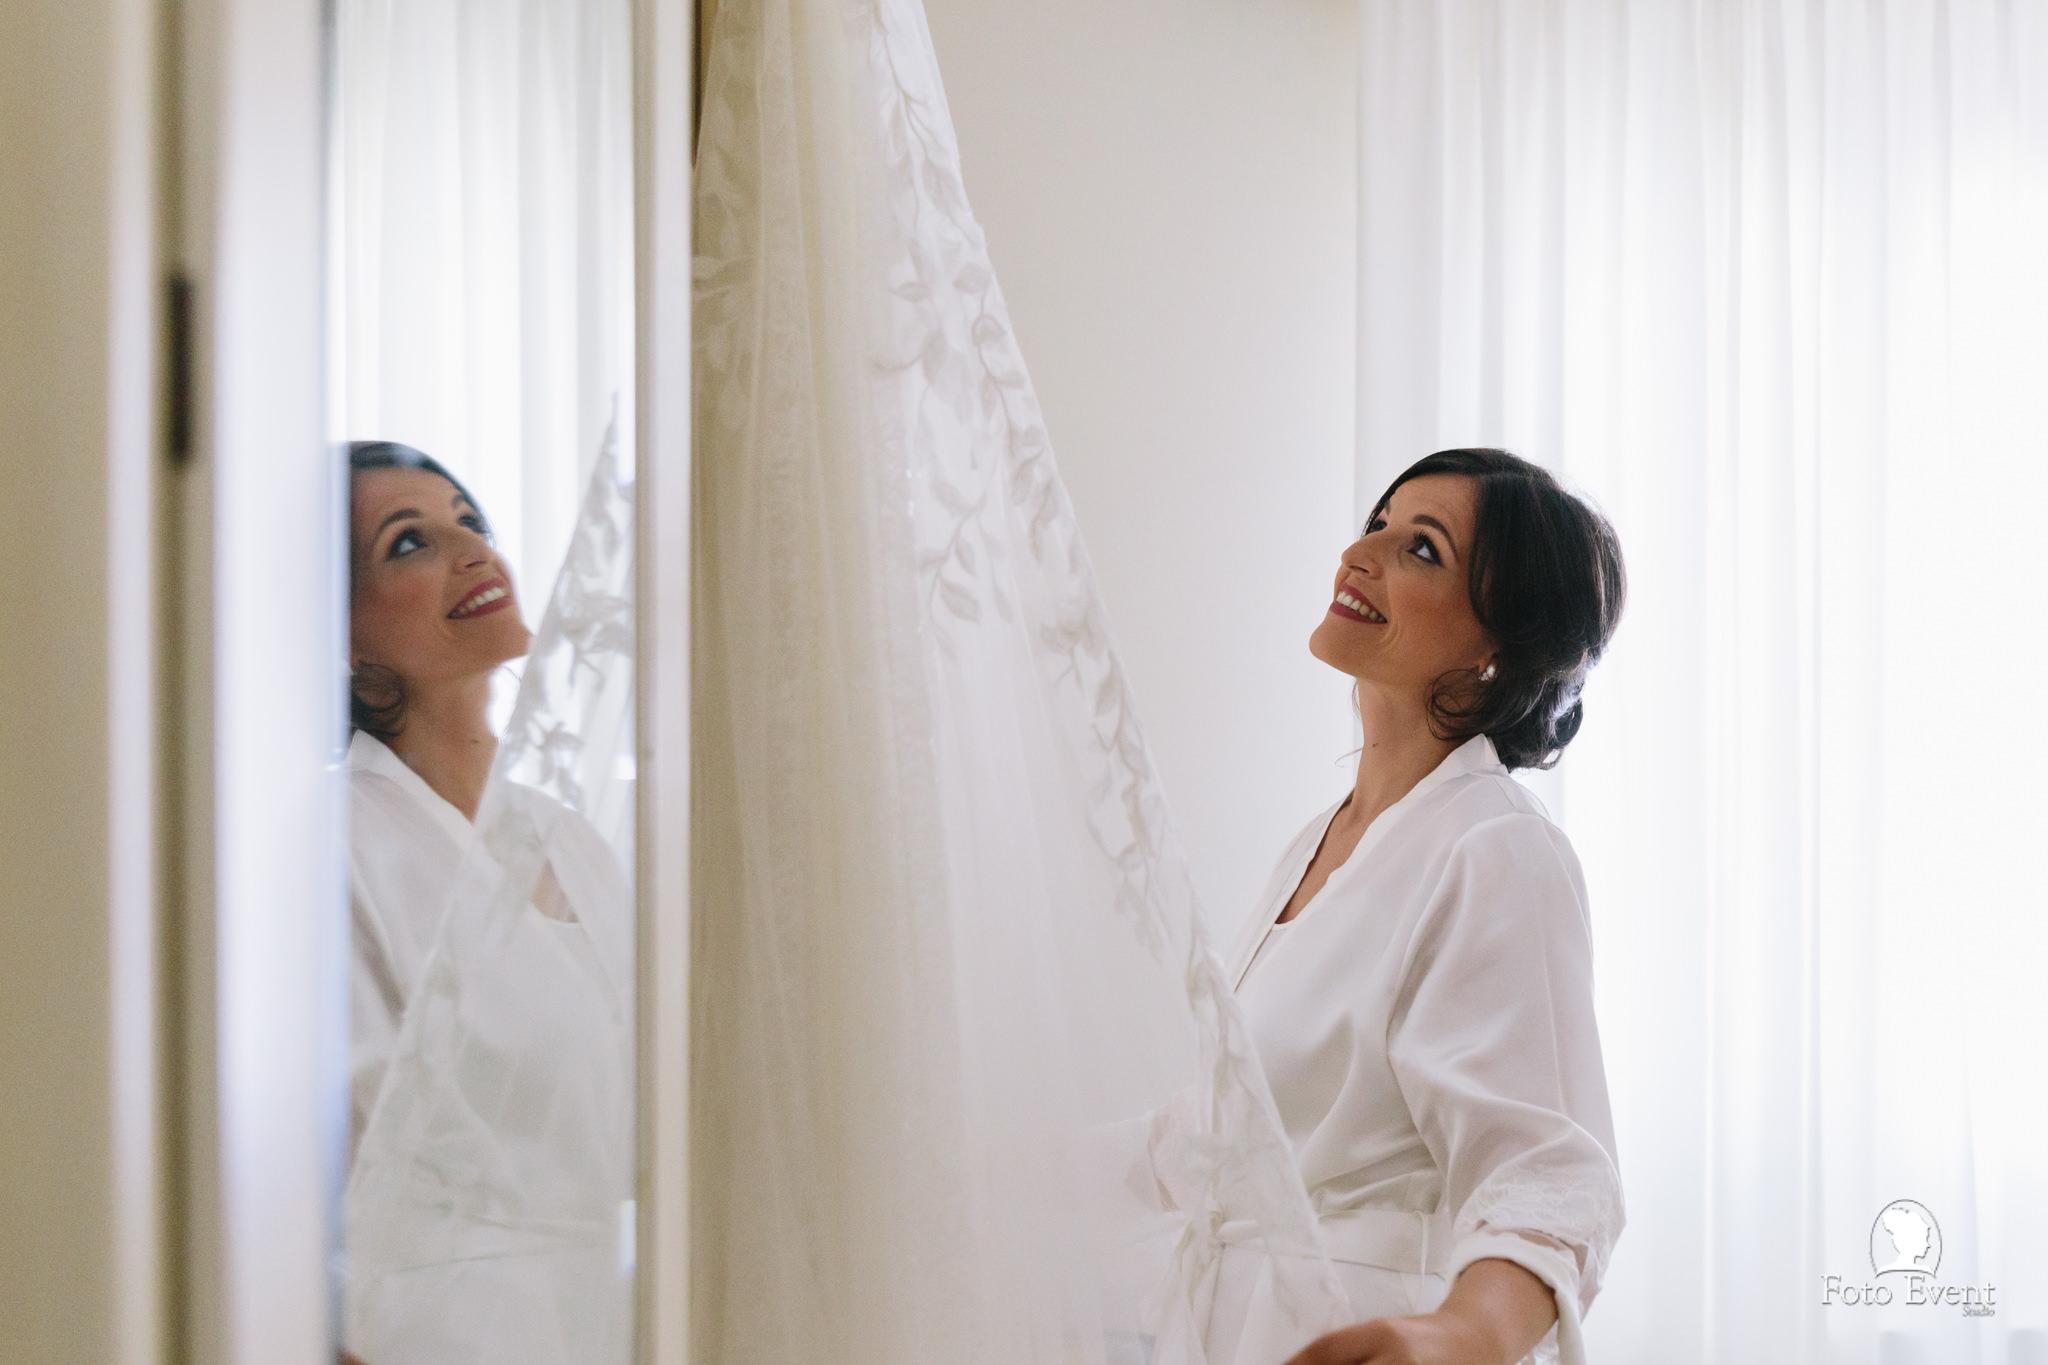 010-2019-09-09-Matrimonio-Dorotea-e-Alberto-Iemmolo-5DE-041